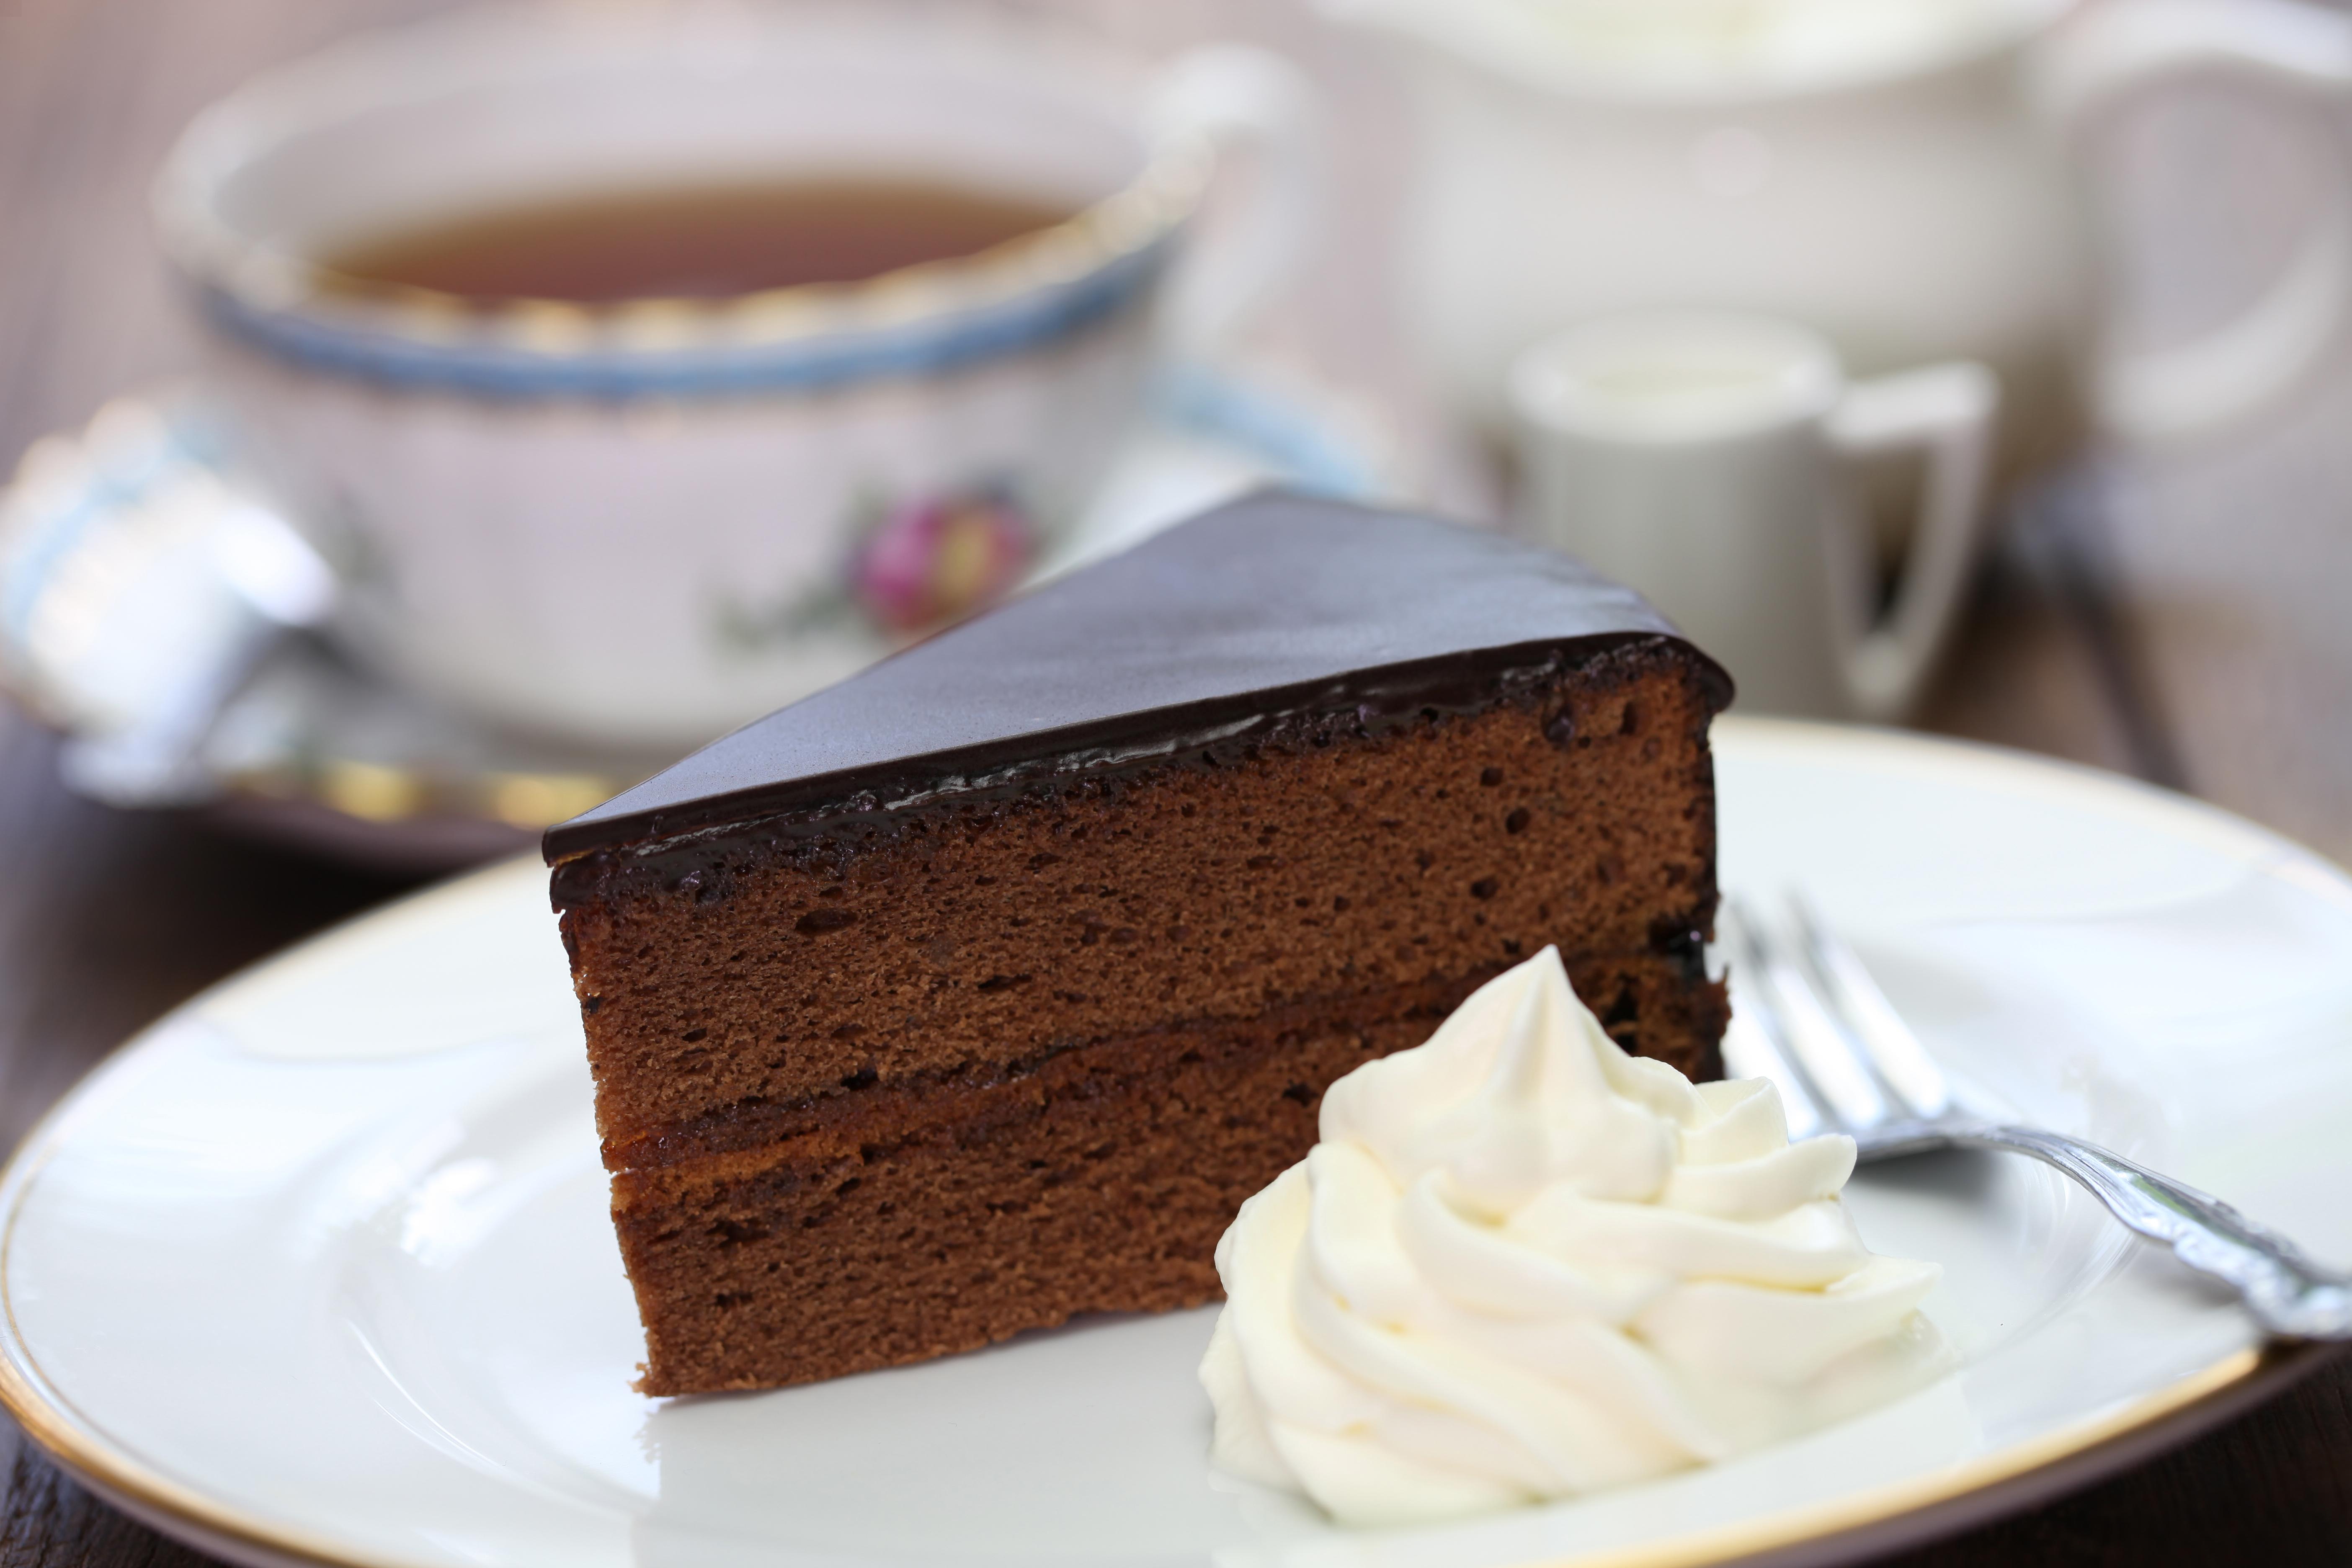 Sachertorte: disfruta de las tartas de chocolate más famosas del mundo - Alemania Circuito Alemania y Austria: de Múnich a Viena